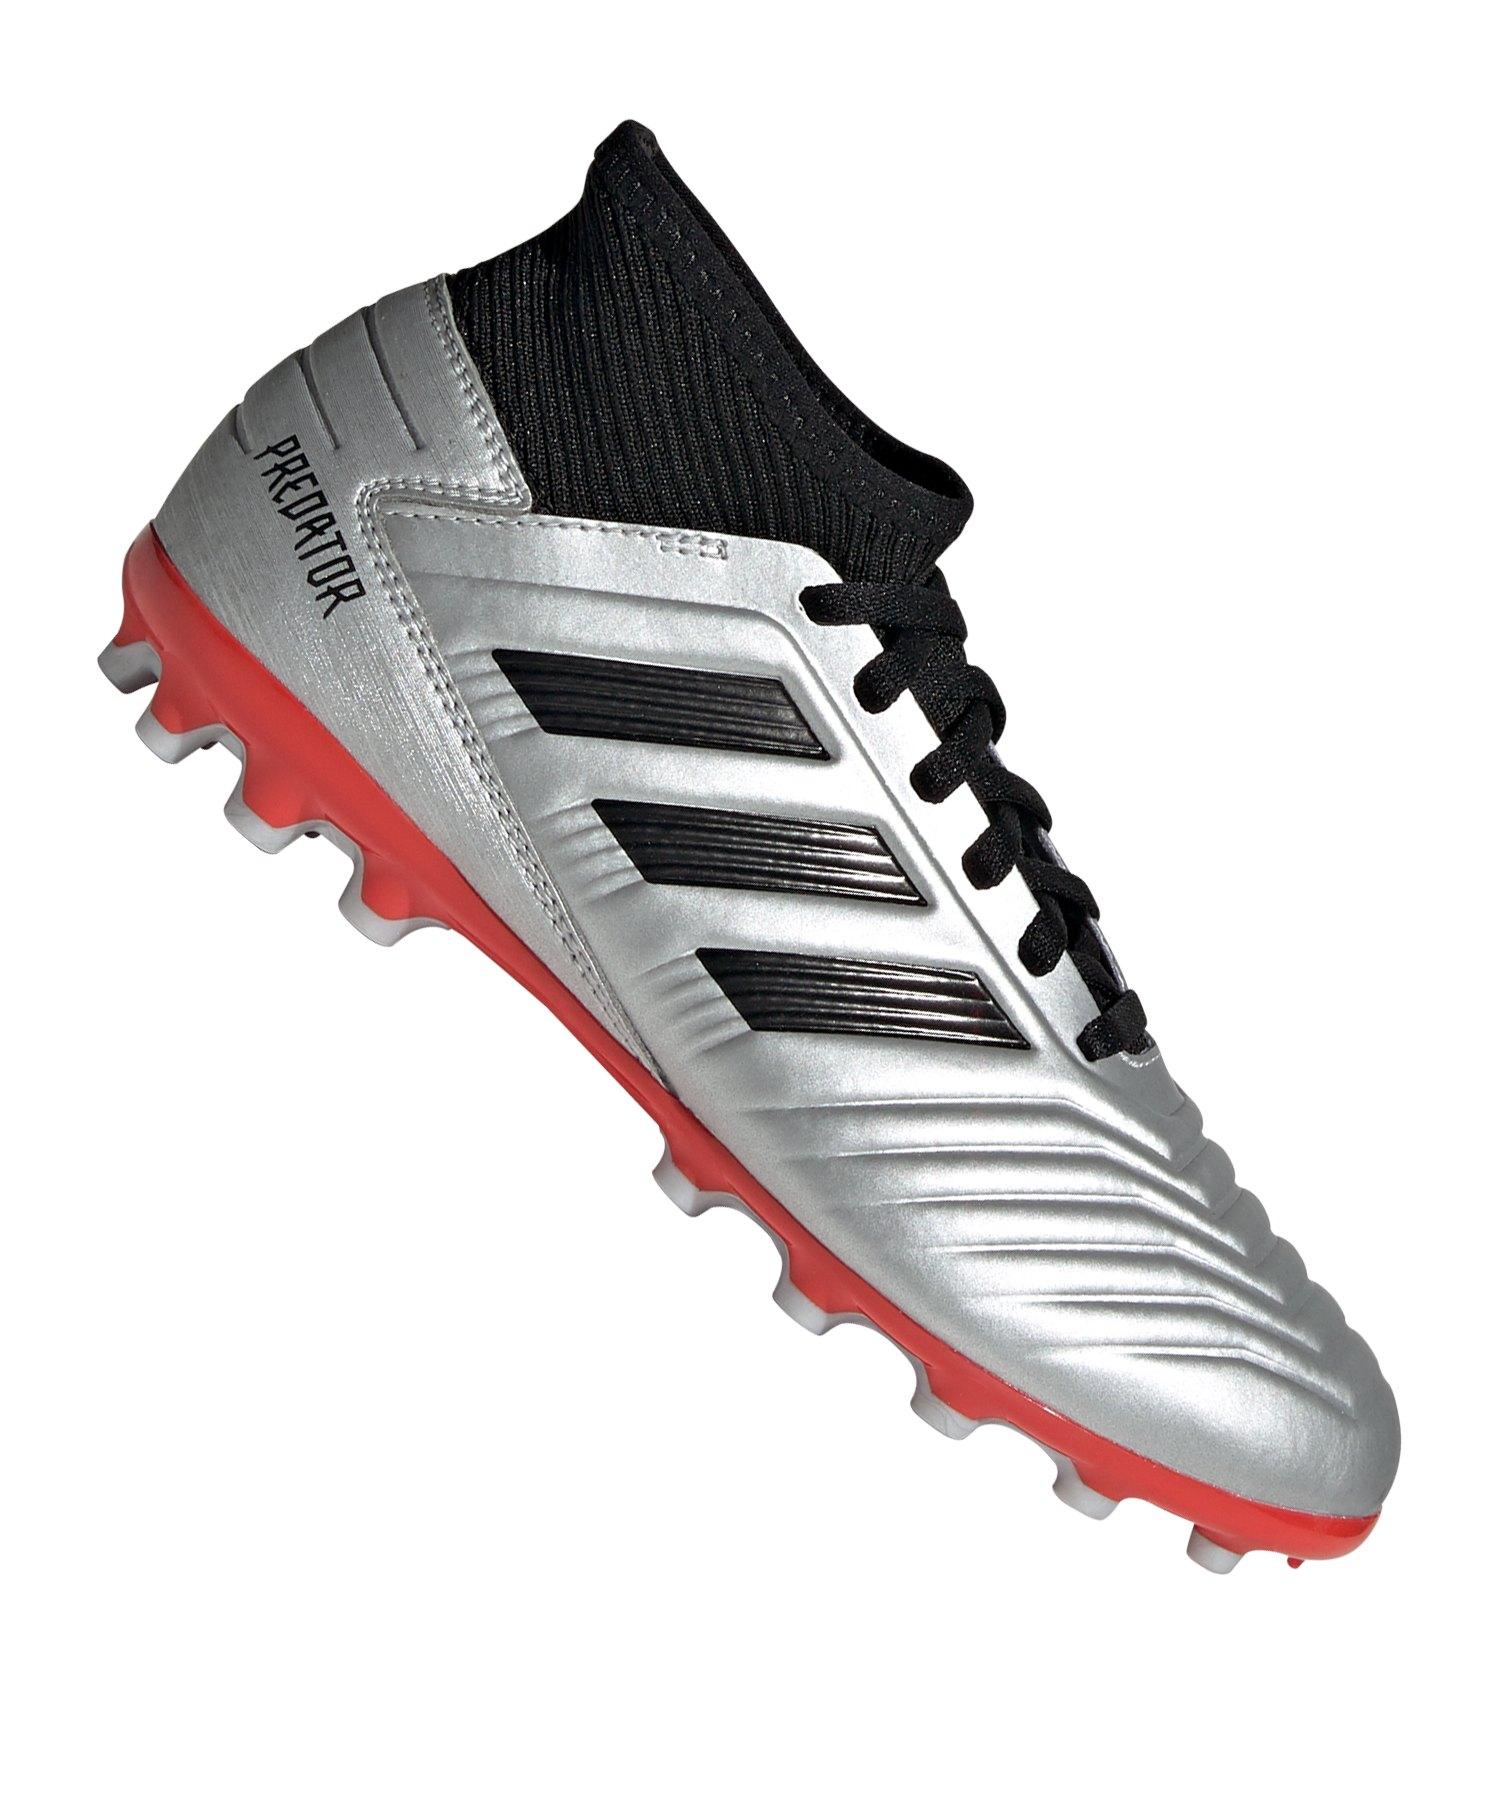 adidas Predator 19.3 AG Fußballschuh Schwarz   adidas Deutschland